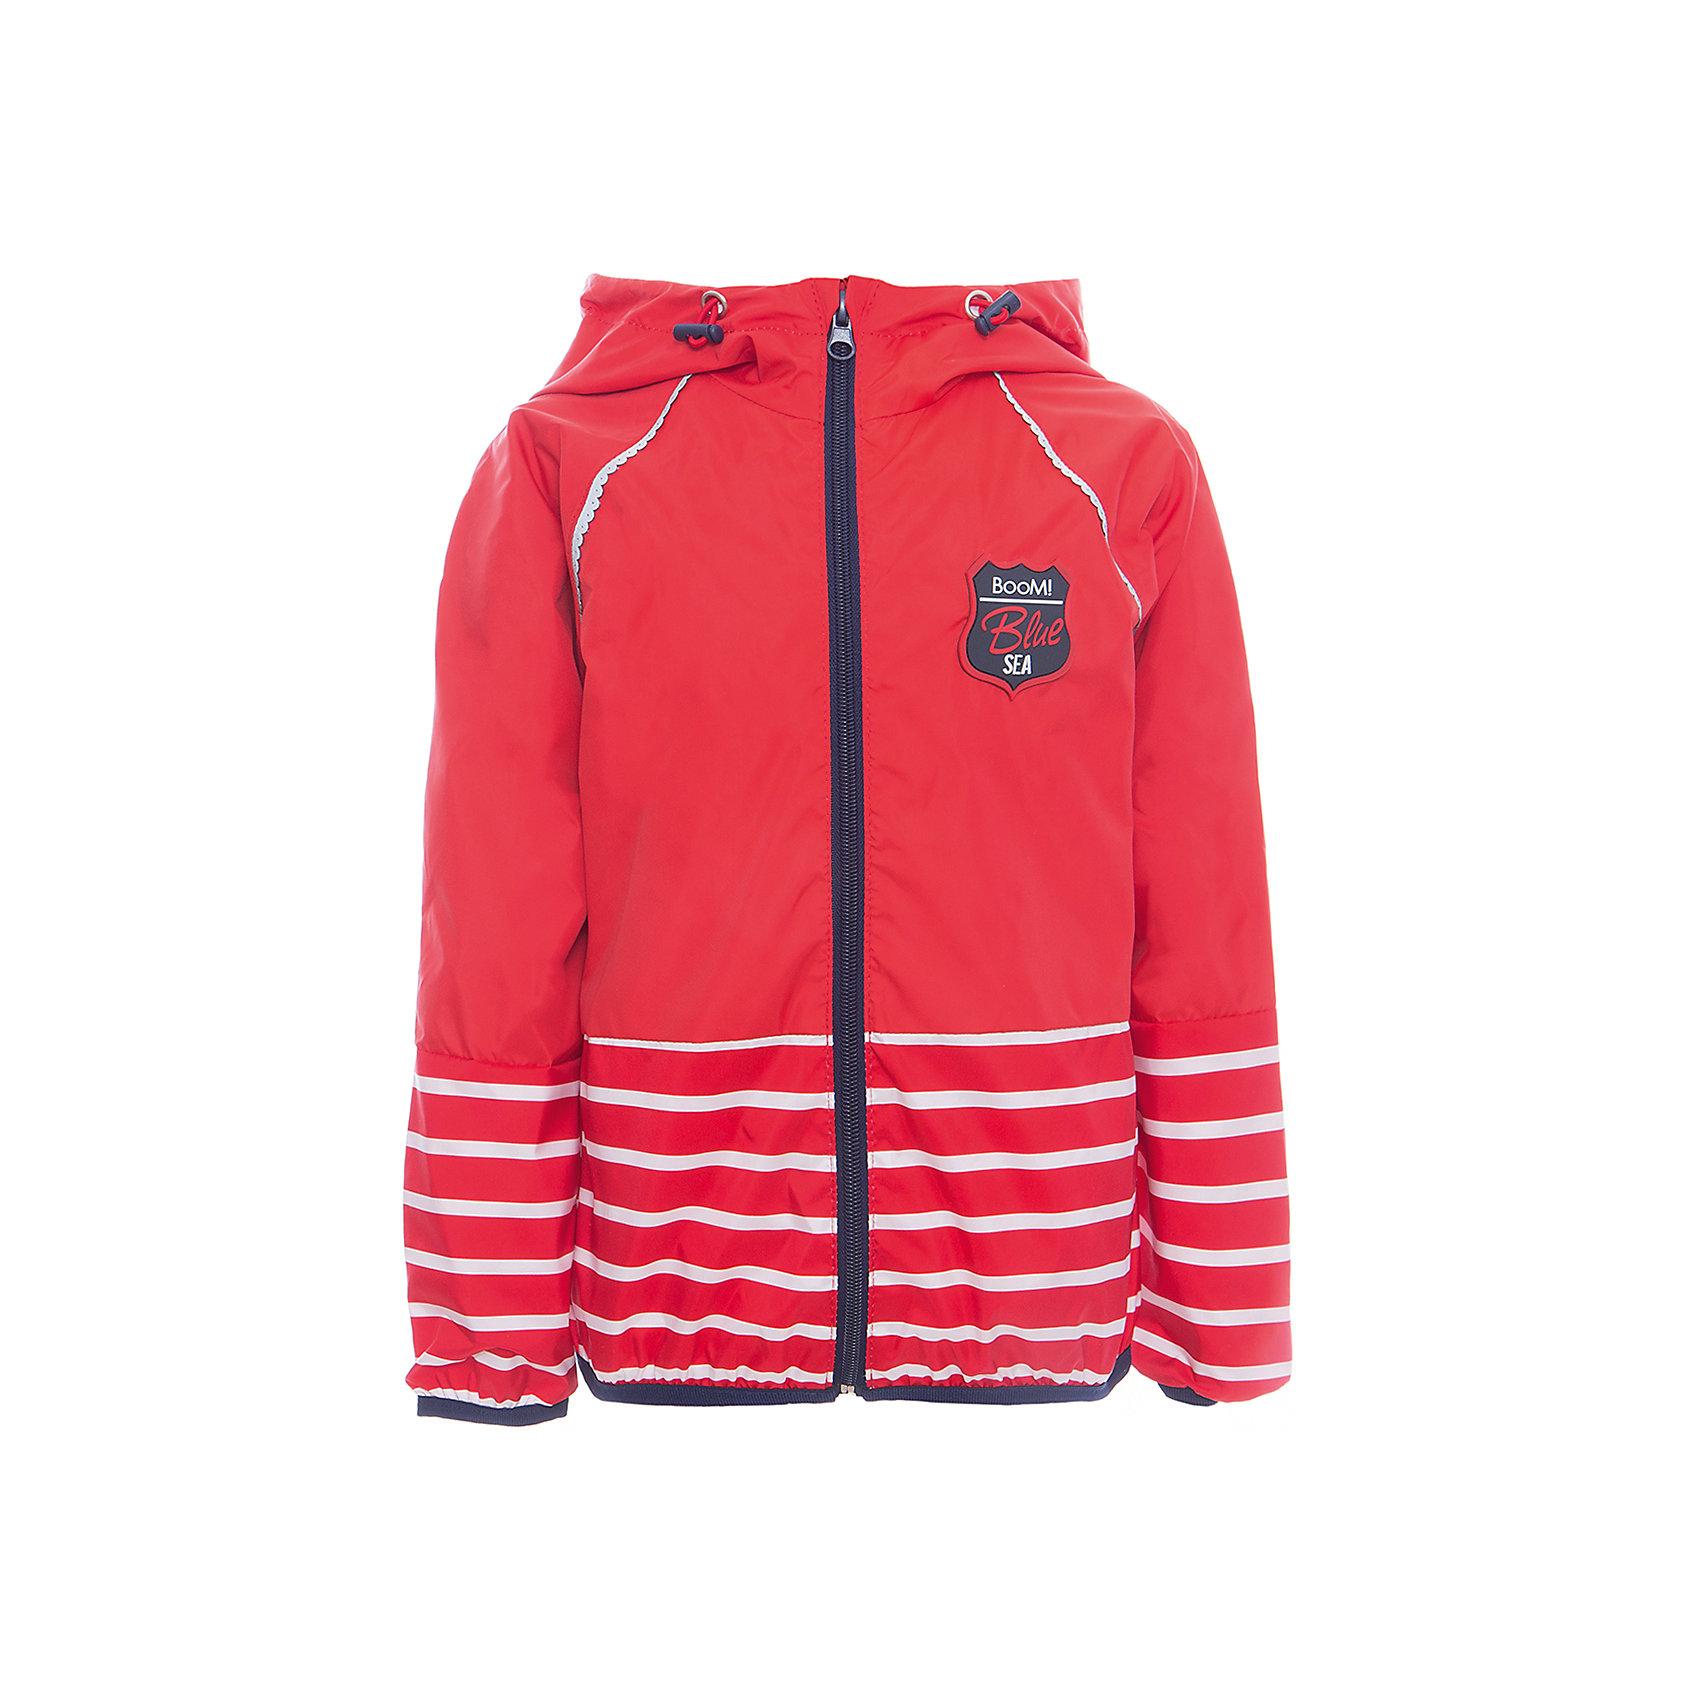 Куртка для девочки BOOM by OrbyВерхняя одежда<br>Характеристики товара:<br><br>• цвет: красный<br>• состав: 80% полиэстер, 20% хлопок, верх - таффета, подкладка - поликоттон, полиэстер, без утеплителя<br>• температурный режим: от +5°до +15°С<br>• карманы<br>• застежка - молния<br>• капюшон с утяжкой<br>• украшена нашивкой<br>• эластичные манжеты<br>• комфортная посадка<br>• страна производства: Российская Федерация<br>• страна бренда: Российская Федерация<br>• коллекция: весна-лето 2017<br><br>Легкая куртка - универсальный вариант и для прохладного летнего вечера, и для теплого межсезонья. Эта модель - модная и удобная одновременно! Изделие отличается стильным ярким дизайном. Куртка хорошо сидит по фигуре, отлично сочетается с различным низом. Вещь была разработана специально для детей.<br><br>Одежда от российского бренда BOOM by Orby уже завоевала популярностью у многих детей и их родителей. Вещи, выпускаемые компанией, качественные, продуманные и очень удобные. Для производства коллекций используются только безопасные для детей материалы. Спешите приобрести модели из новой коллекции Весна-лето 2017! <br><br>Куртку для девочки от бренда BOOM by Orby можно купить в нашем интернет-магазине.<br><br>Ширина мм: 356<br>Глубина мм: 10<br>Высота мм: 245<br>Вес г: 519<br>Цвет: красный<br>Возраст от месяцев: 48<br>Возраст до месяцев: 60<br>Пол: Женский<br>Возраст: Детский<br>Размер: 110,158,116,122,152,128,104,86,92,98,134,140,146<br>SKU: 5343563